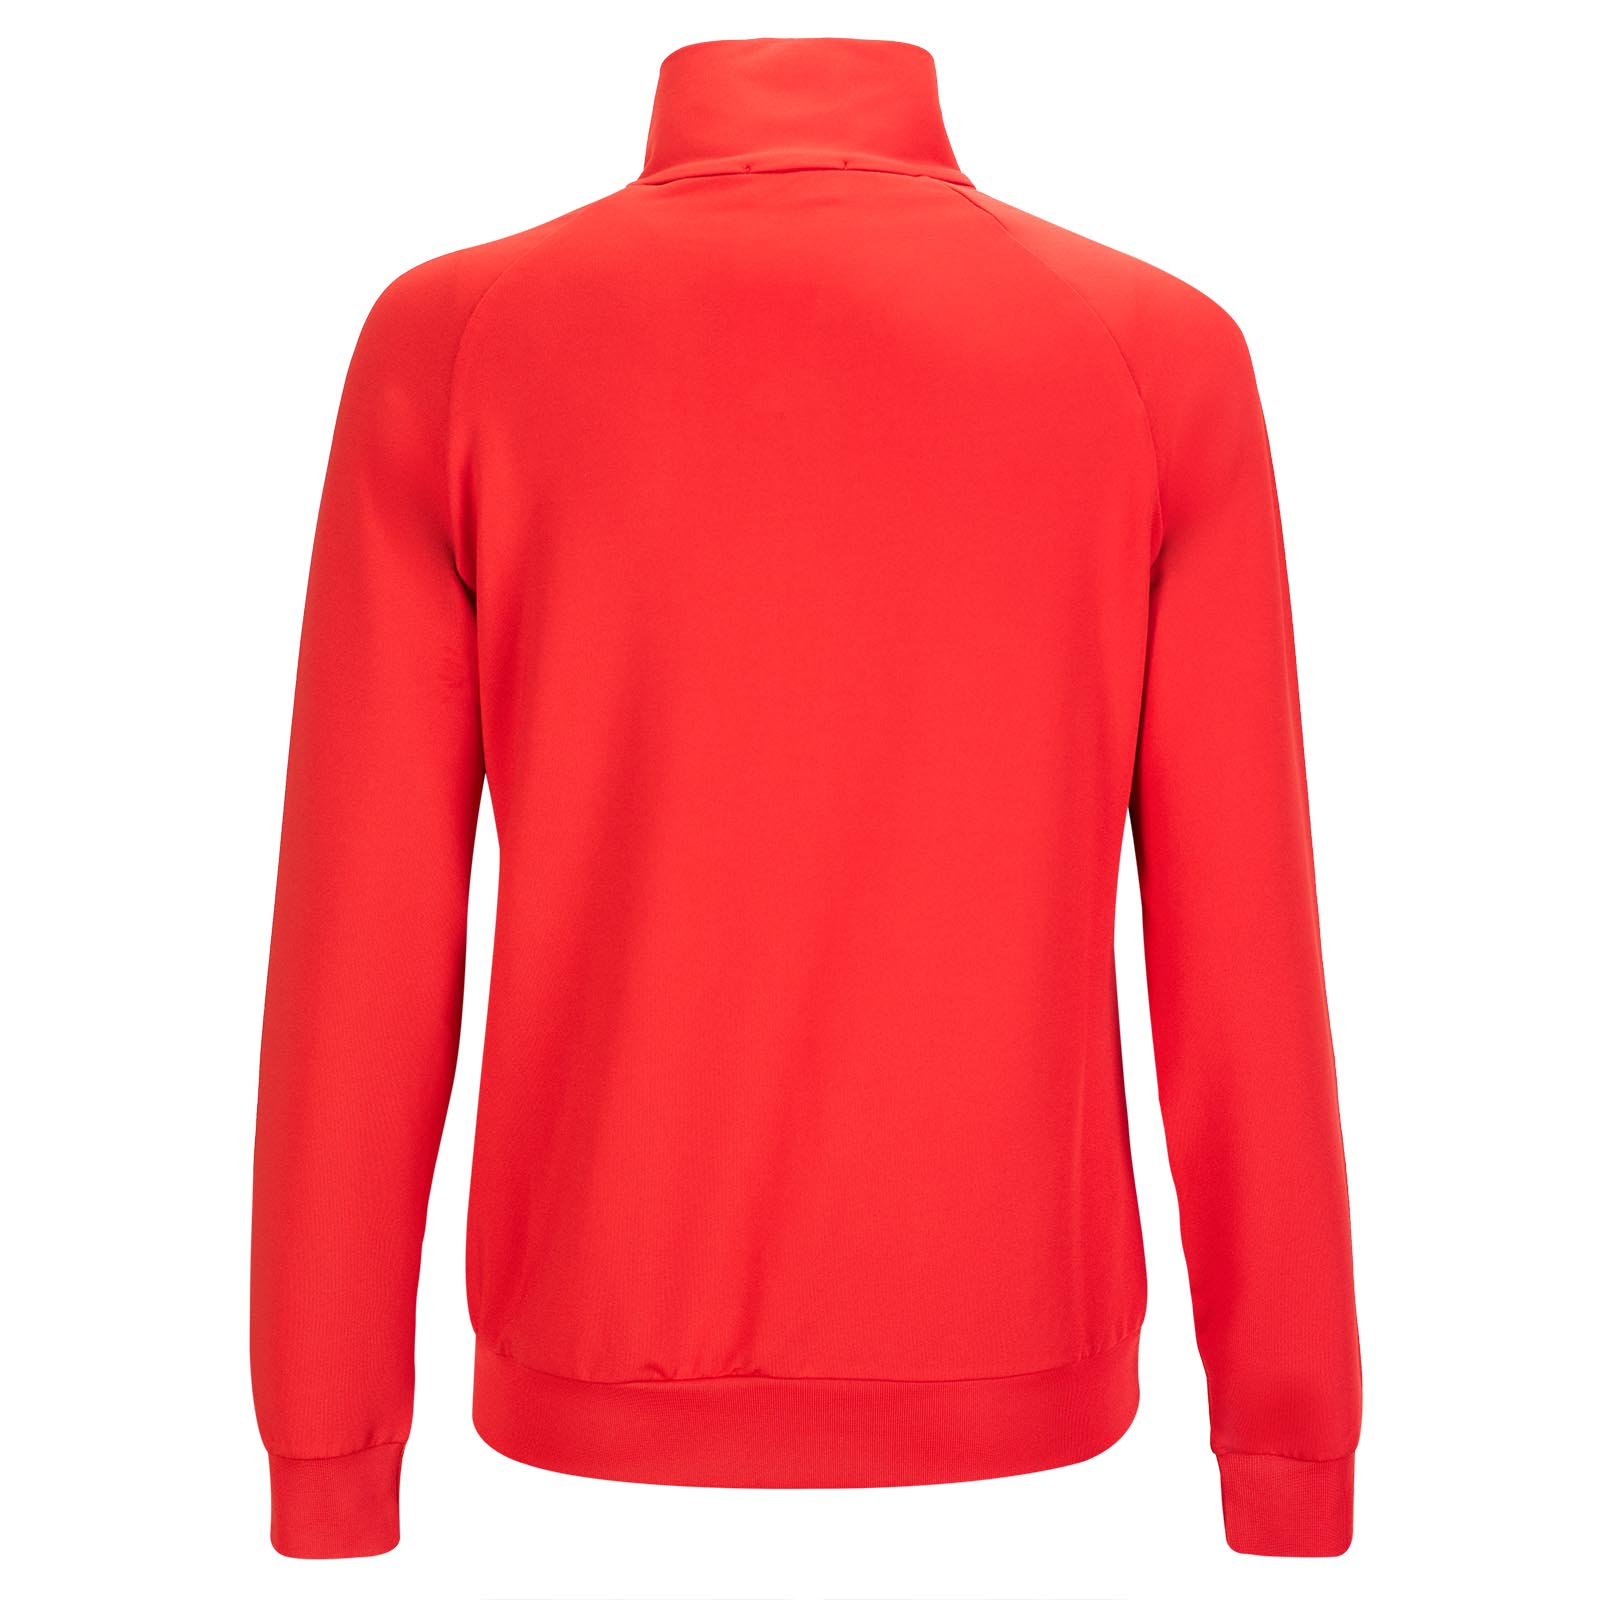 Damen Retro Sport Jacke aus hochwertigem Stretchmaterial